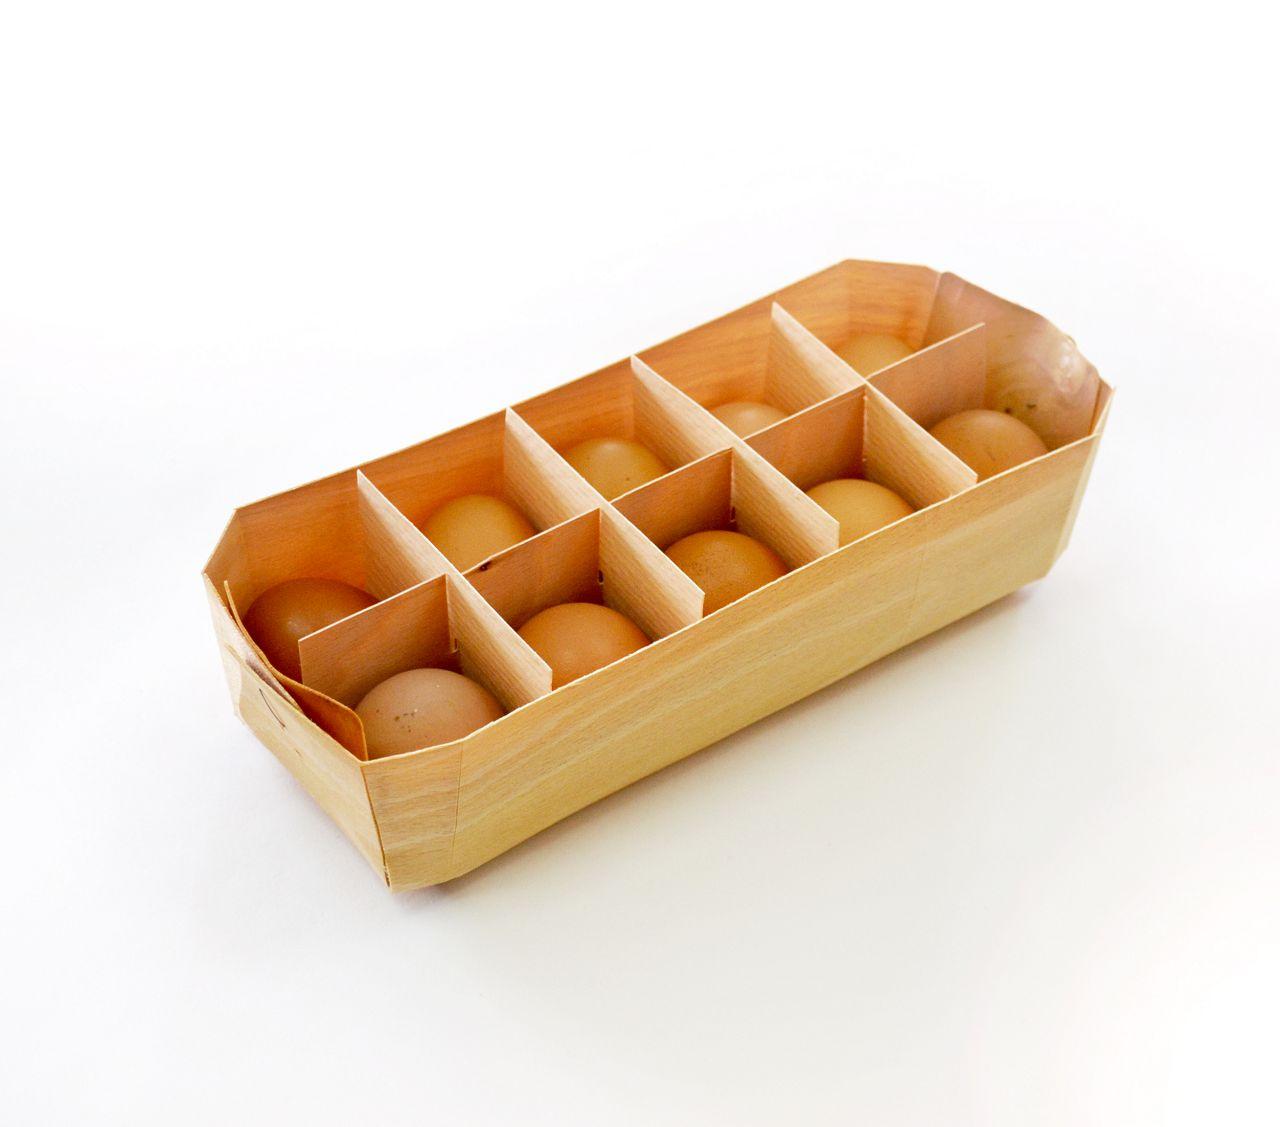 Яйца предпочтительнее размещать в упаковке